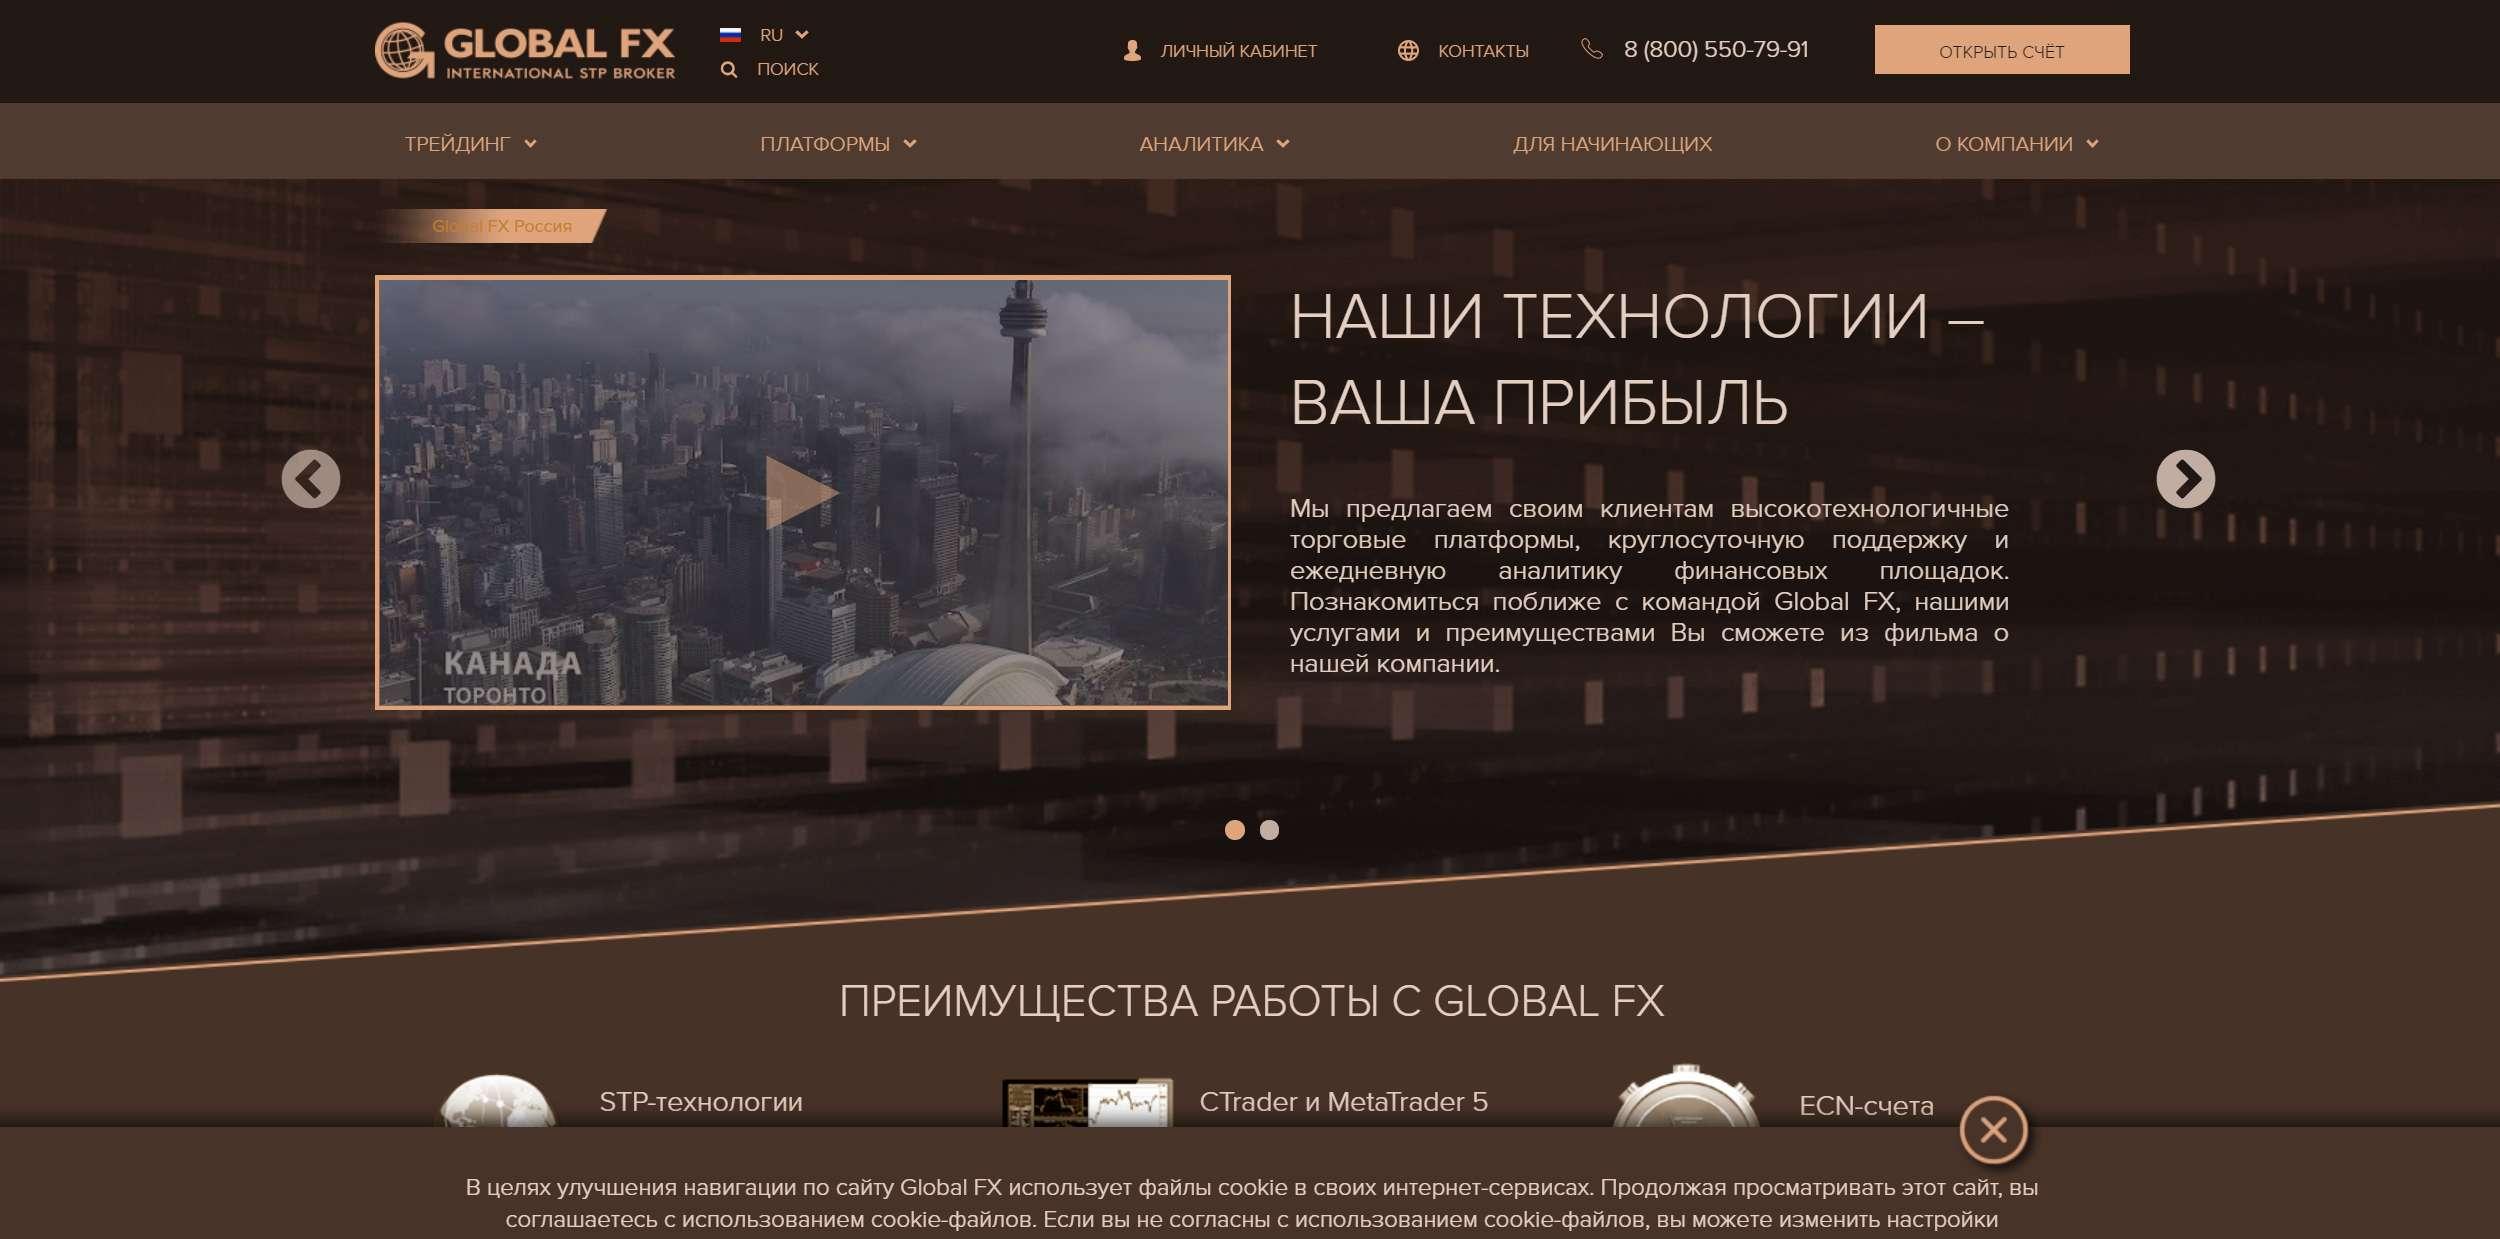 Обзор на Форекс-брокера GlobalFX, отзывы и истории обмана.